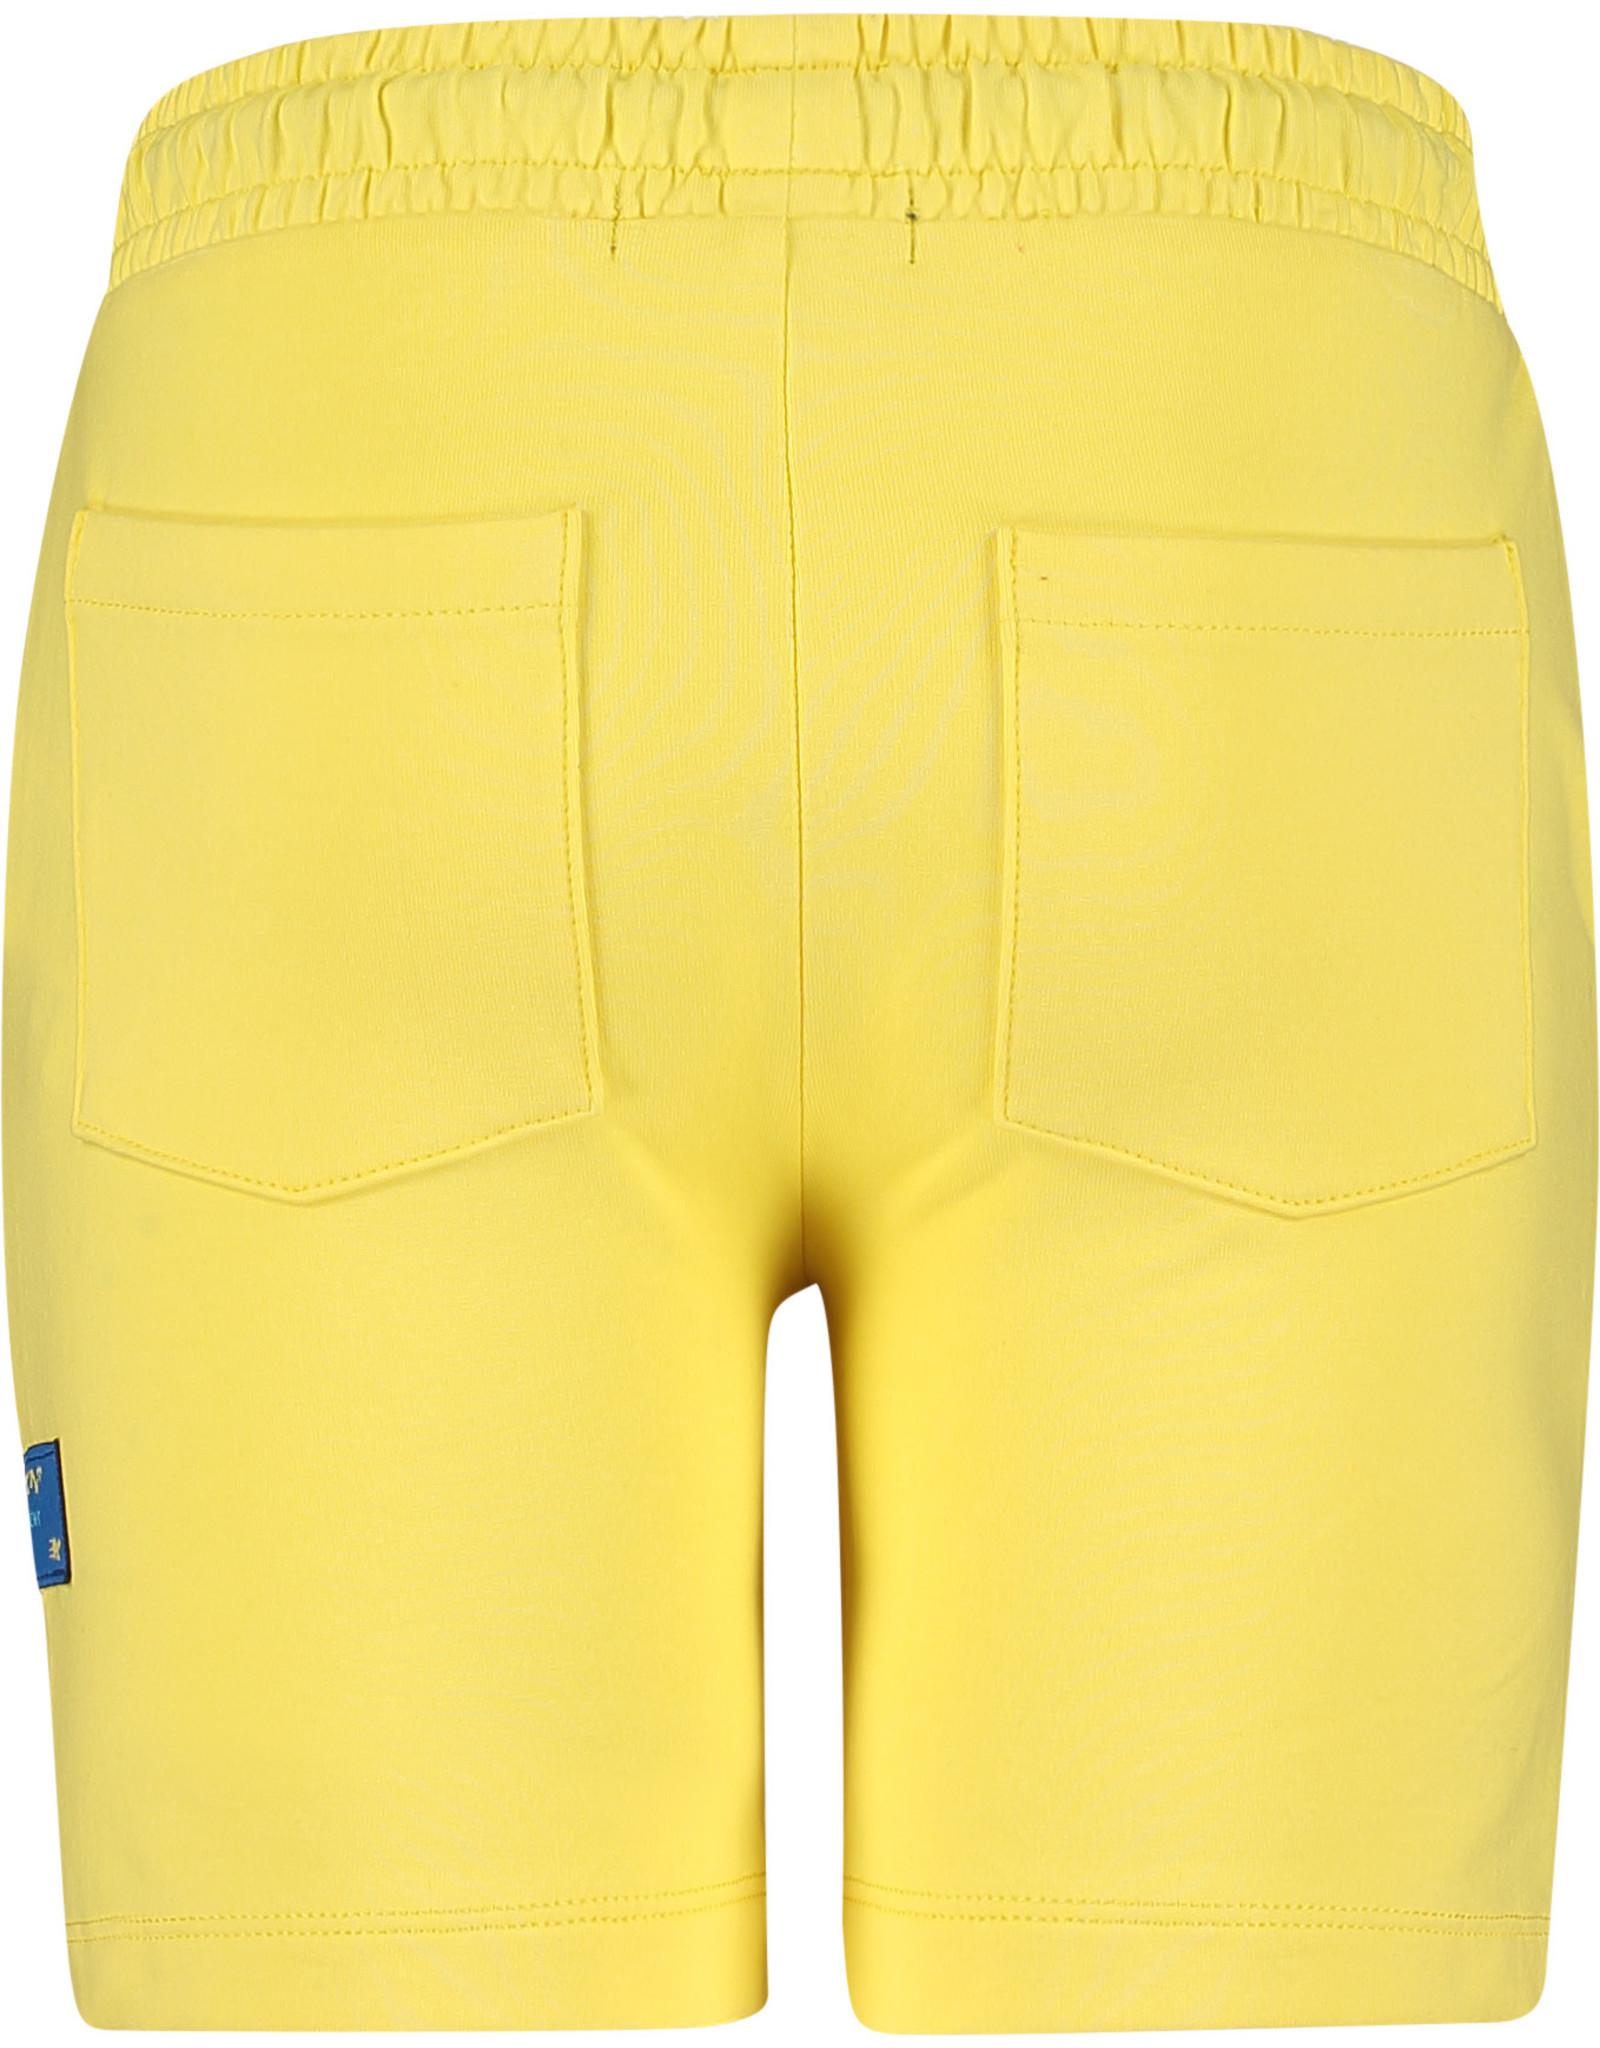 4President 4President jongens korte broek Kenn Lemon